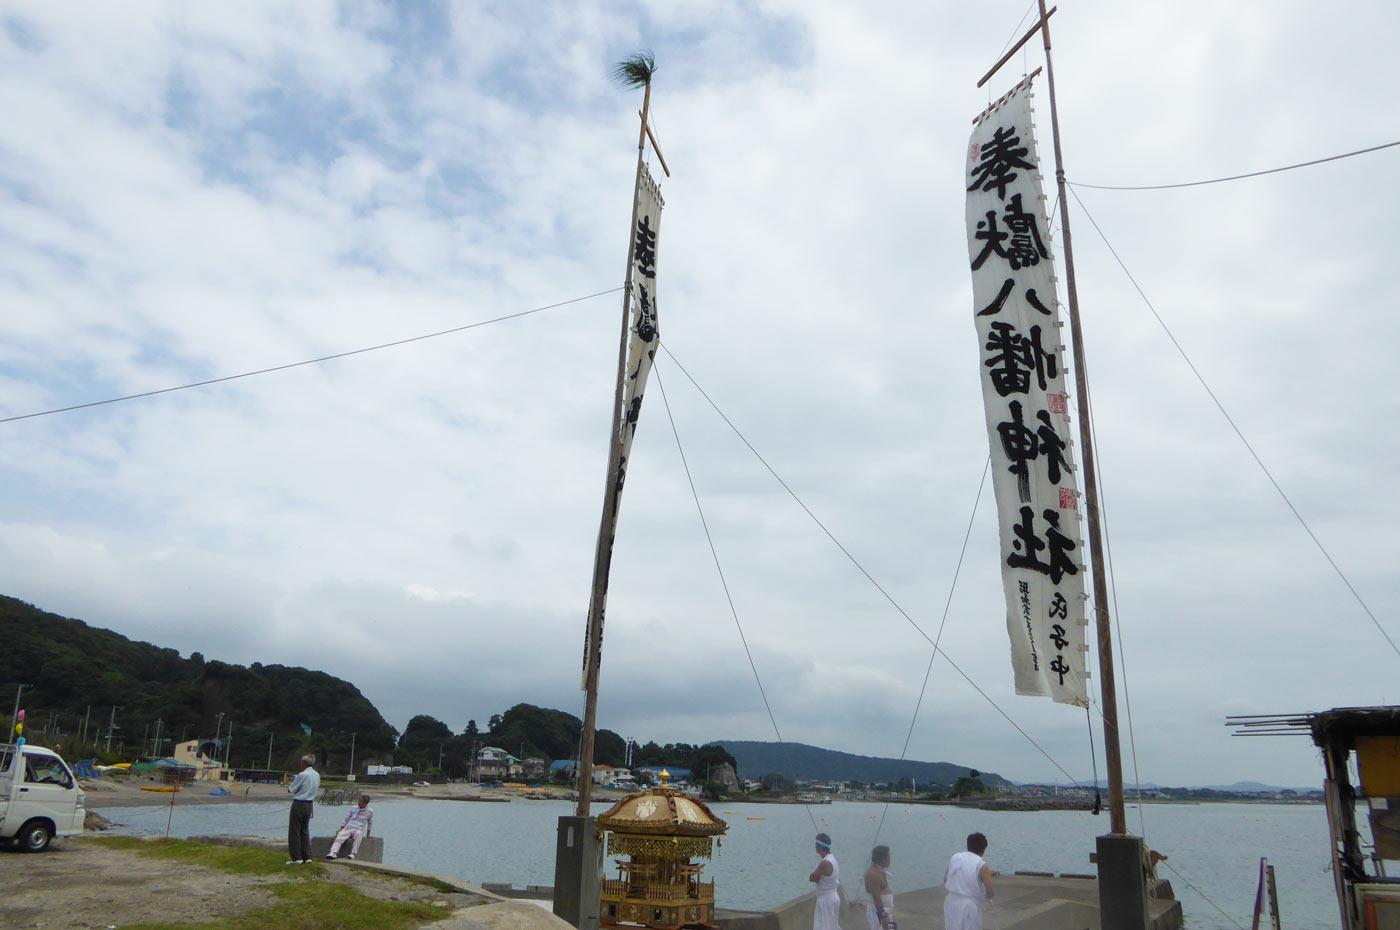 豊岡海水浴場 富浦地区の祭り